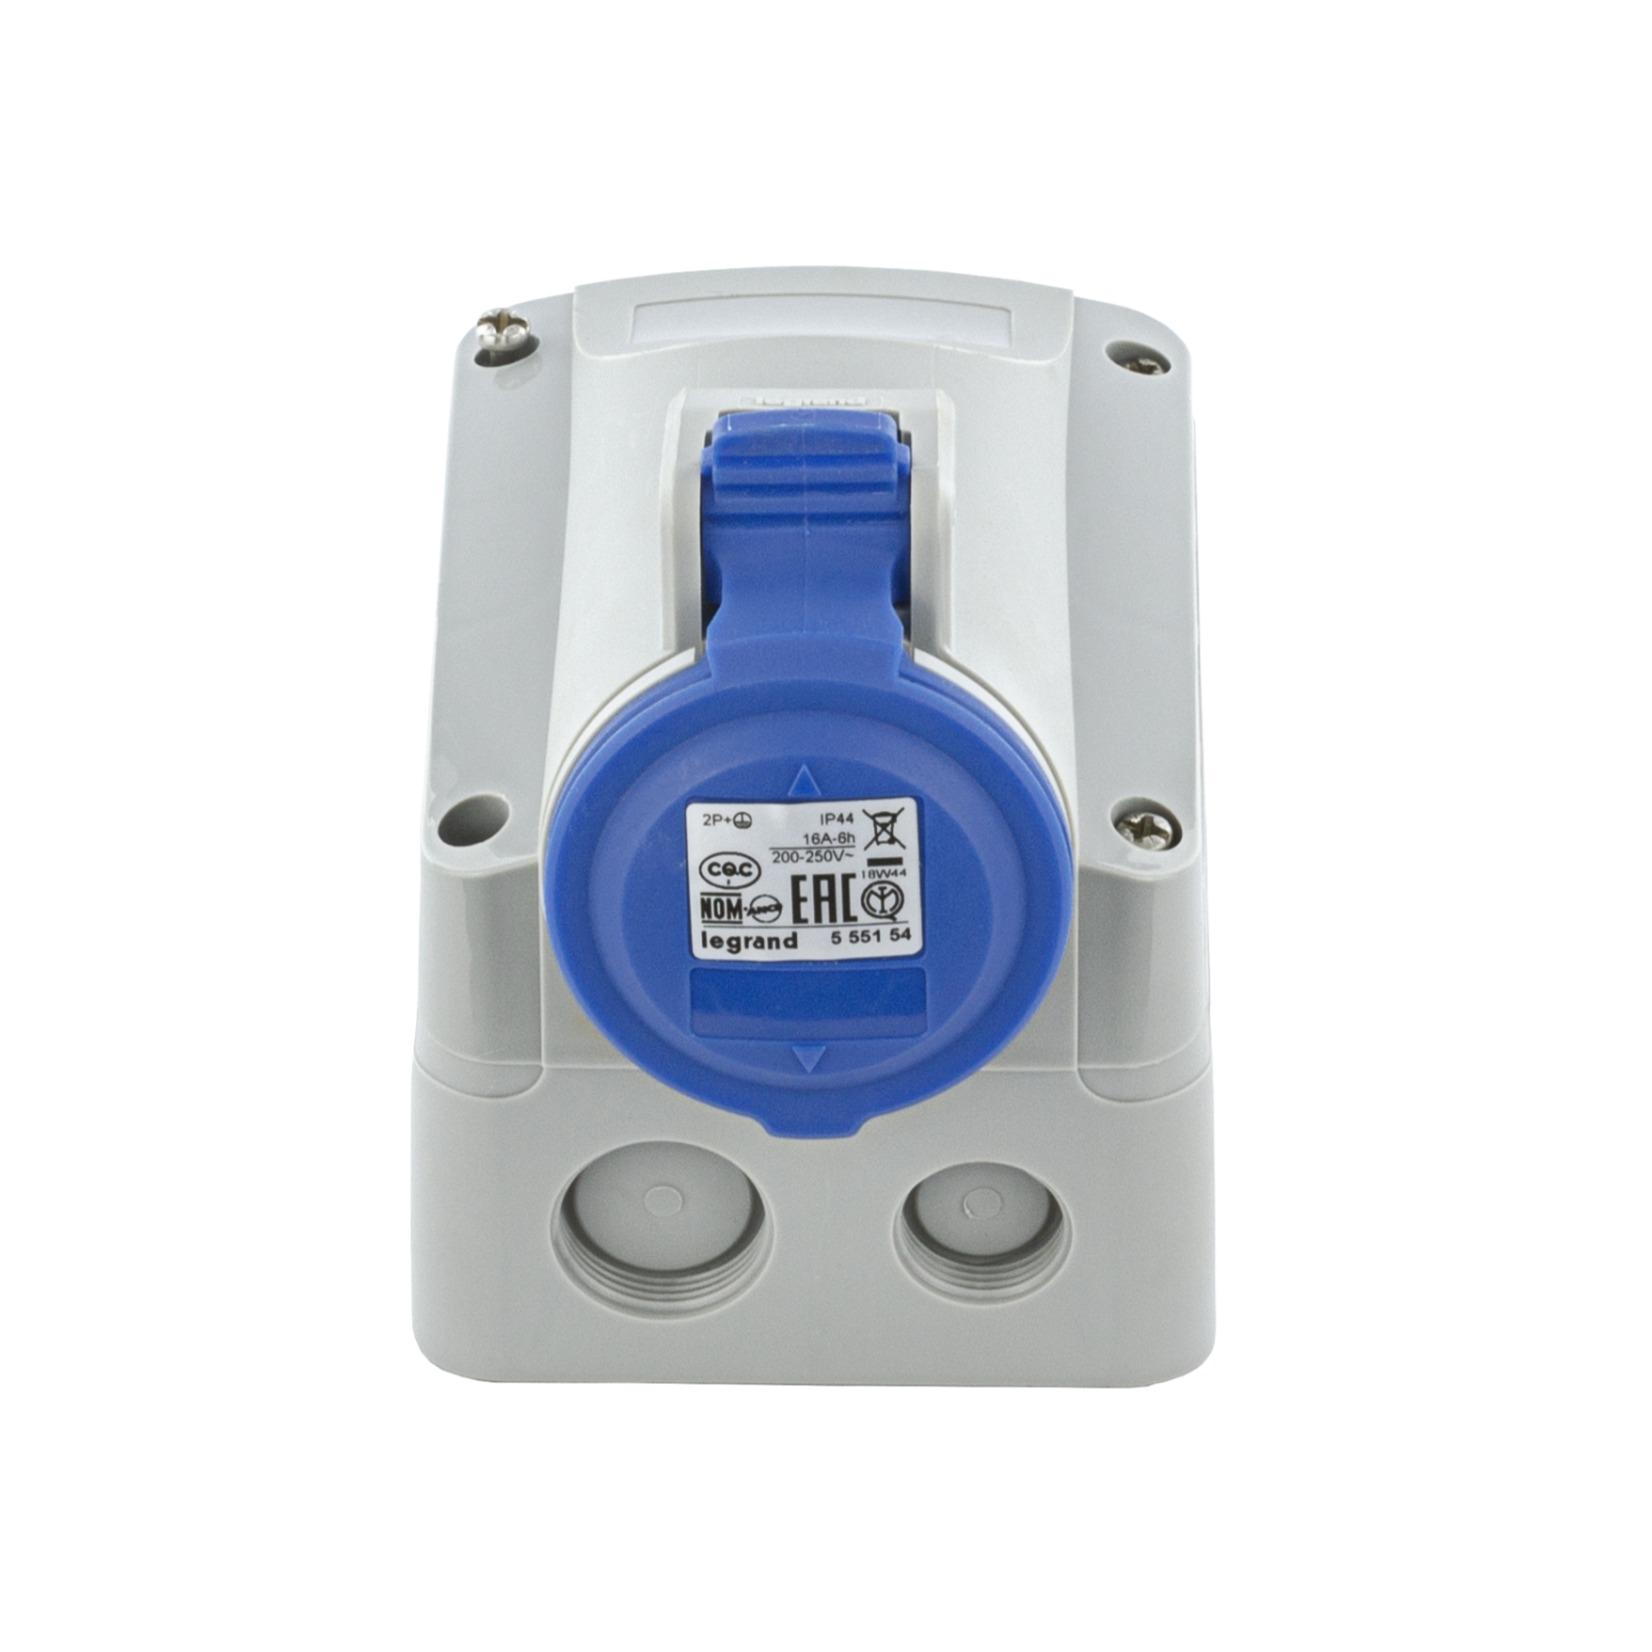 Tomada Industrial de Sobrepor P17 2PT 16A Tempra IP44 Monofasico 220250V - Cemar